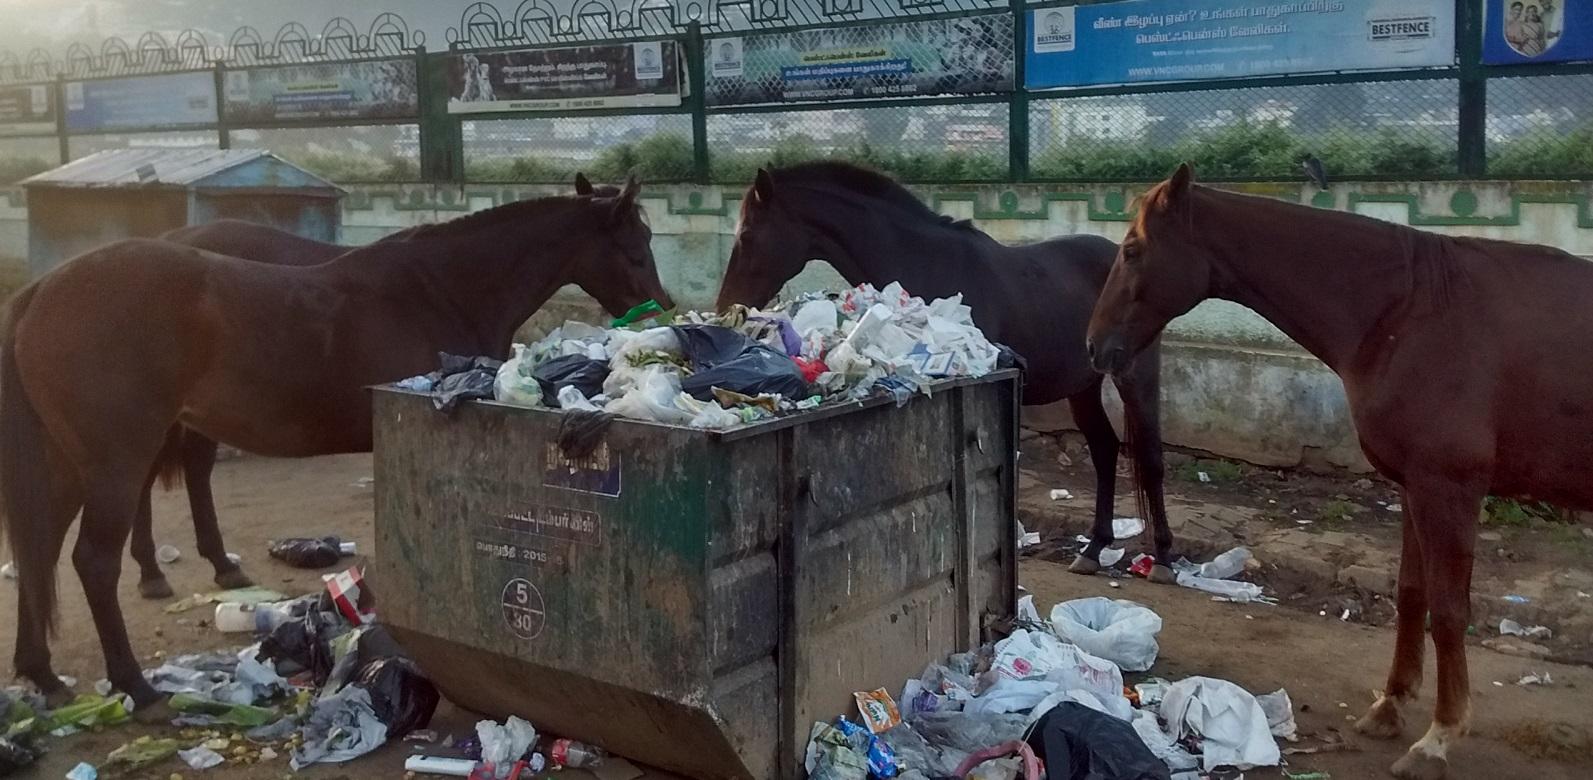 Streundene Pferde in Südindien: Pferde suchen im Müll nach Futter